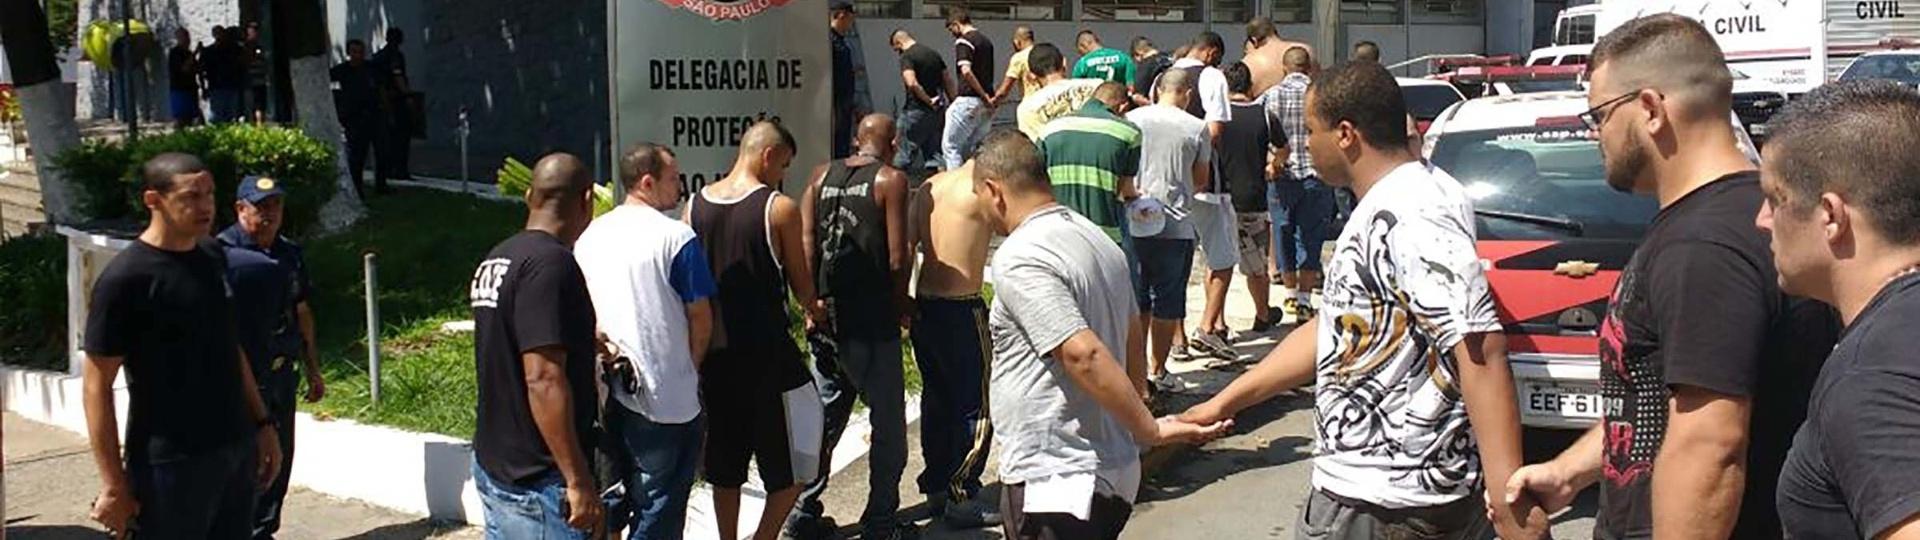 3.abr.2016 - Pelo menos 25 torcedores foram detidos após confronto de torcidas do Palmeiras e do Corinthians, em Guarulhos (SP), antes da partida entre as equipes no Pacaembu pelo Campeonato Paulista. A polícia ainda apreendeu armas brancas, porretes e muitos fogos de artifício. Uma série de conflitos ocorreu na manhã deste domingo, horas antes do clássico; de acordo com a PM, o caso mais grave ocorreu na estação São Miguel Paulista da CPTM, onde um homem que não estava envolvido na confusão morreu baleado